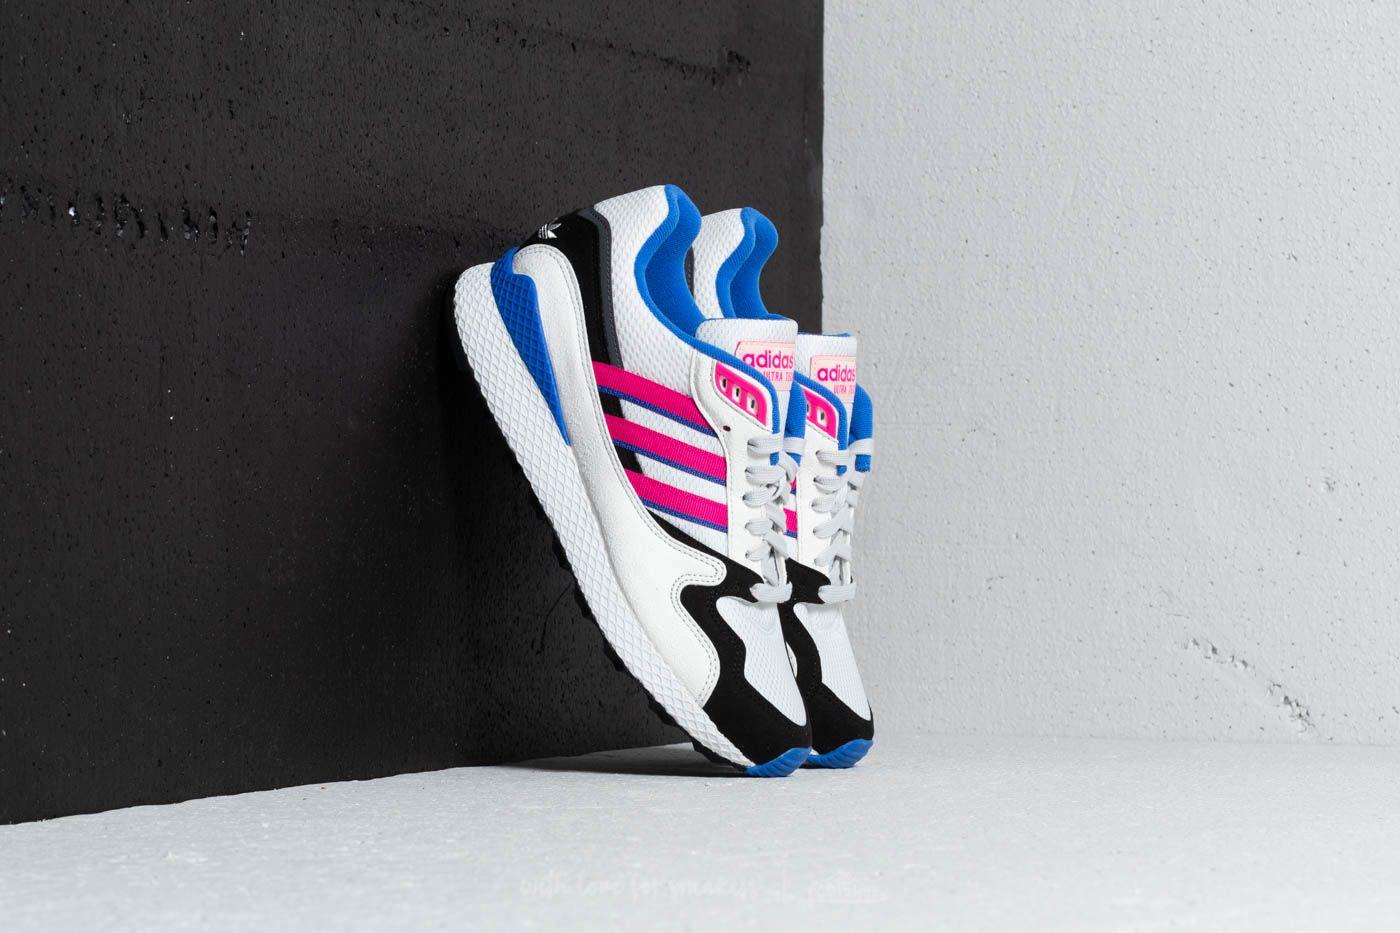 Pánské tenisky a boty adidas Ultra Tech Crystal White/ Shock Pink/ Core Black